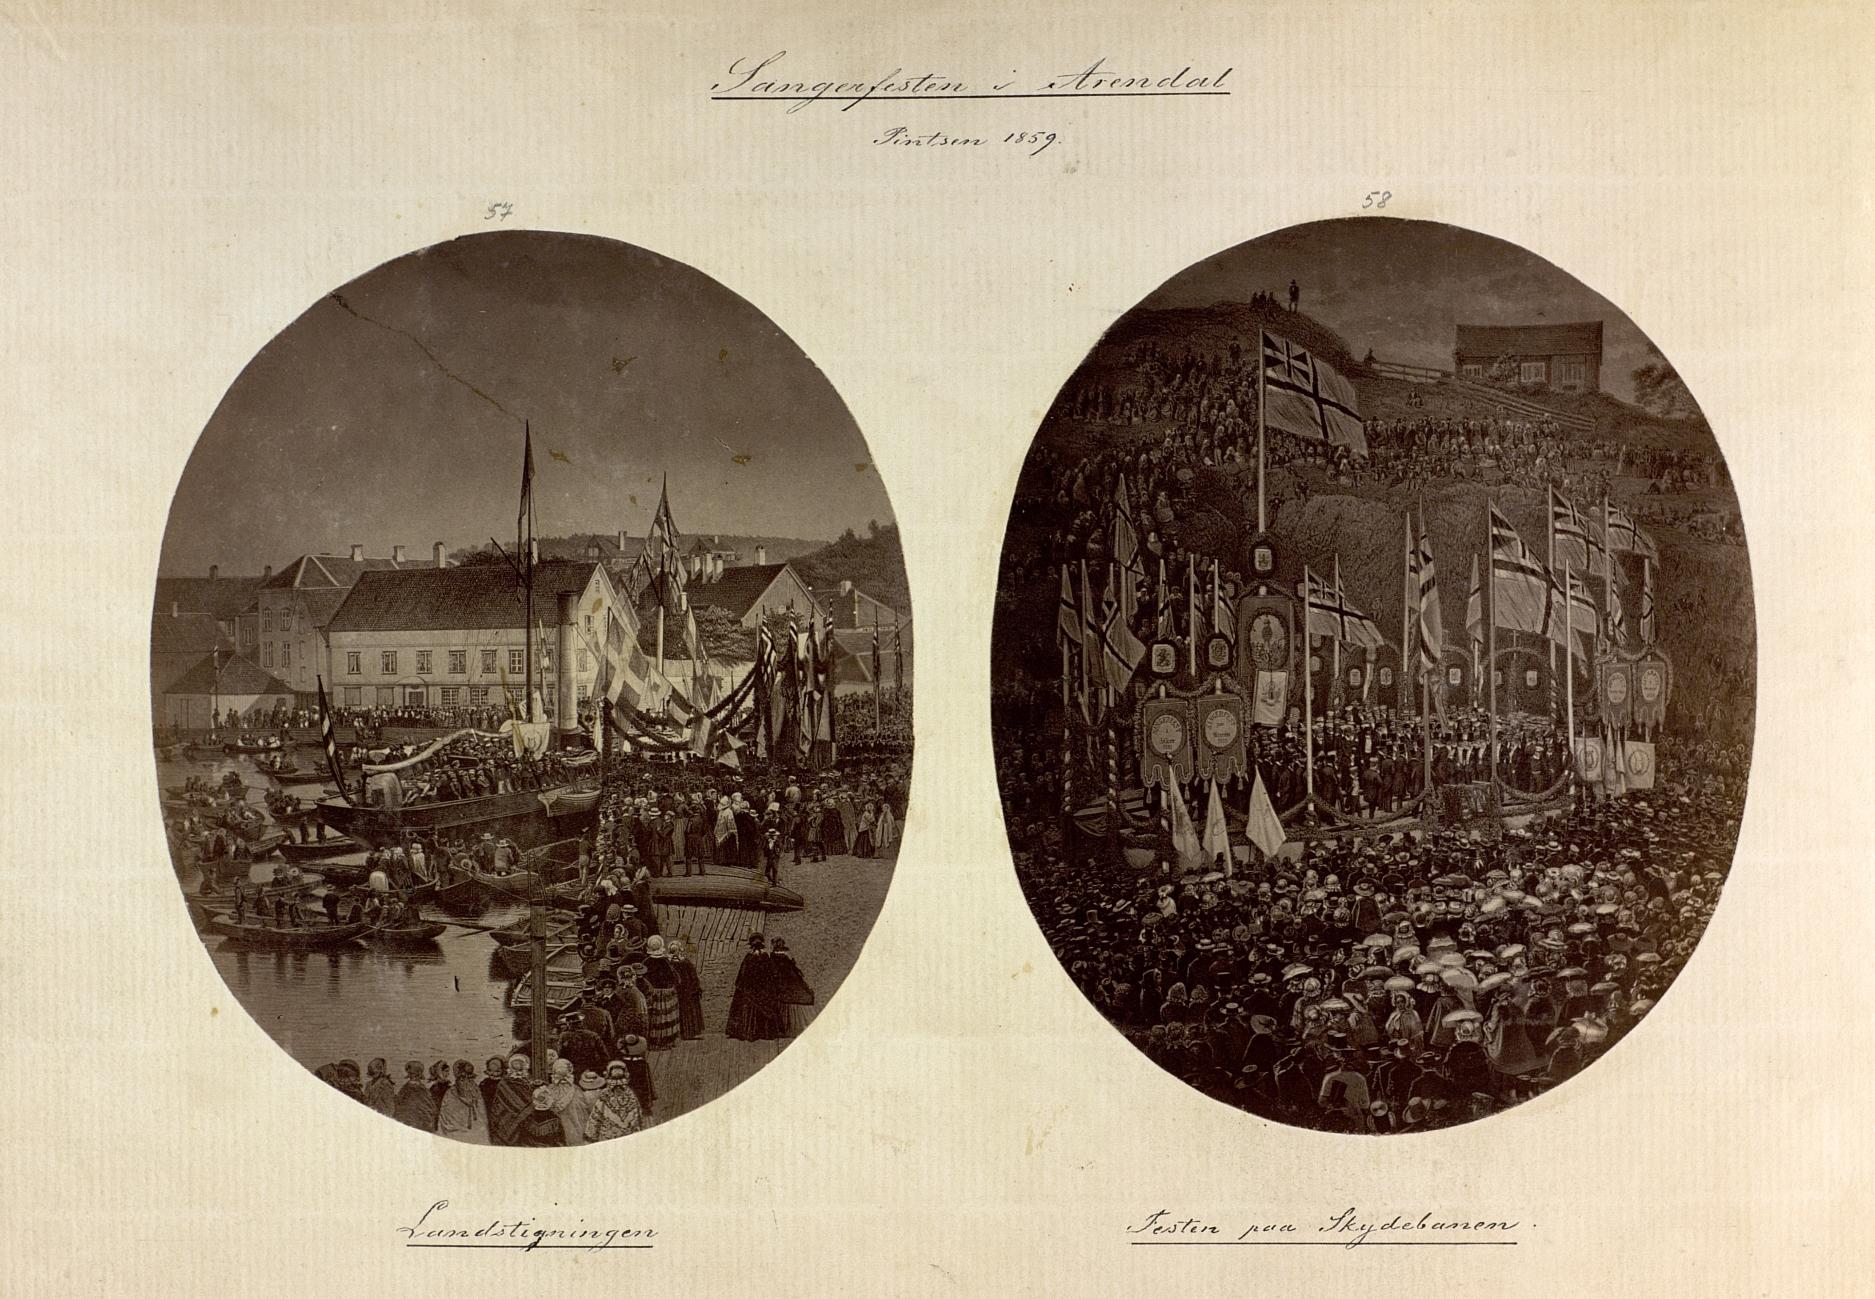 Den store sangerfesten i Arendal 1859